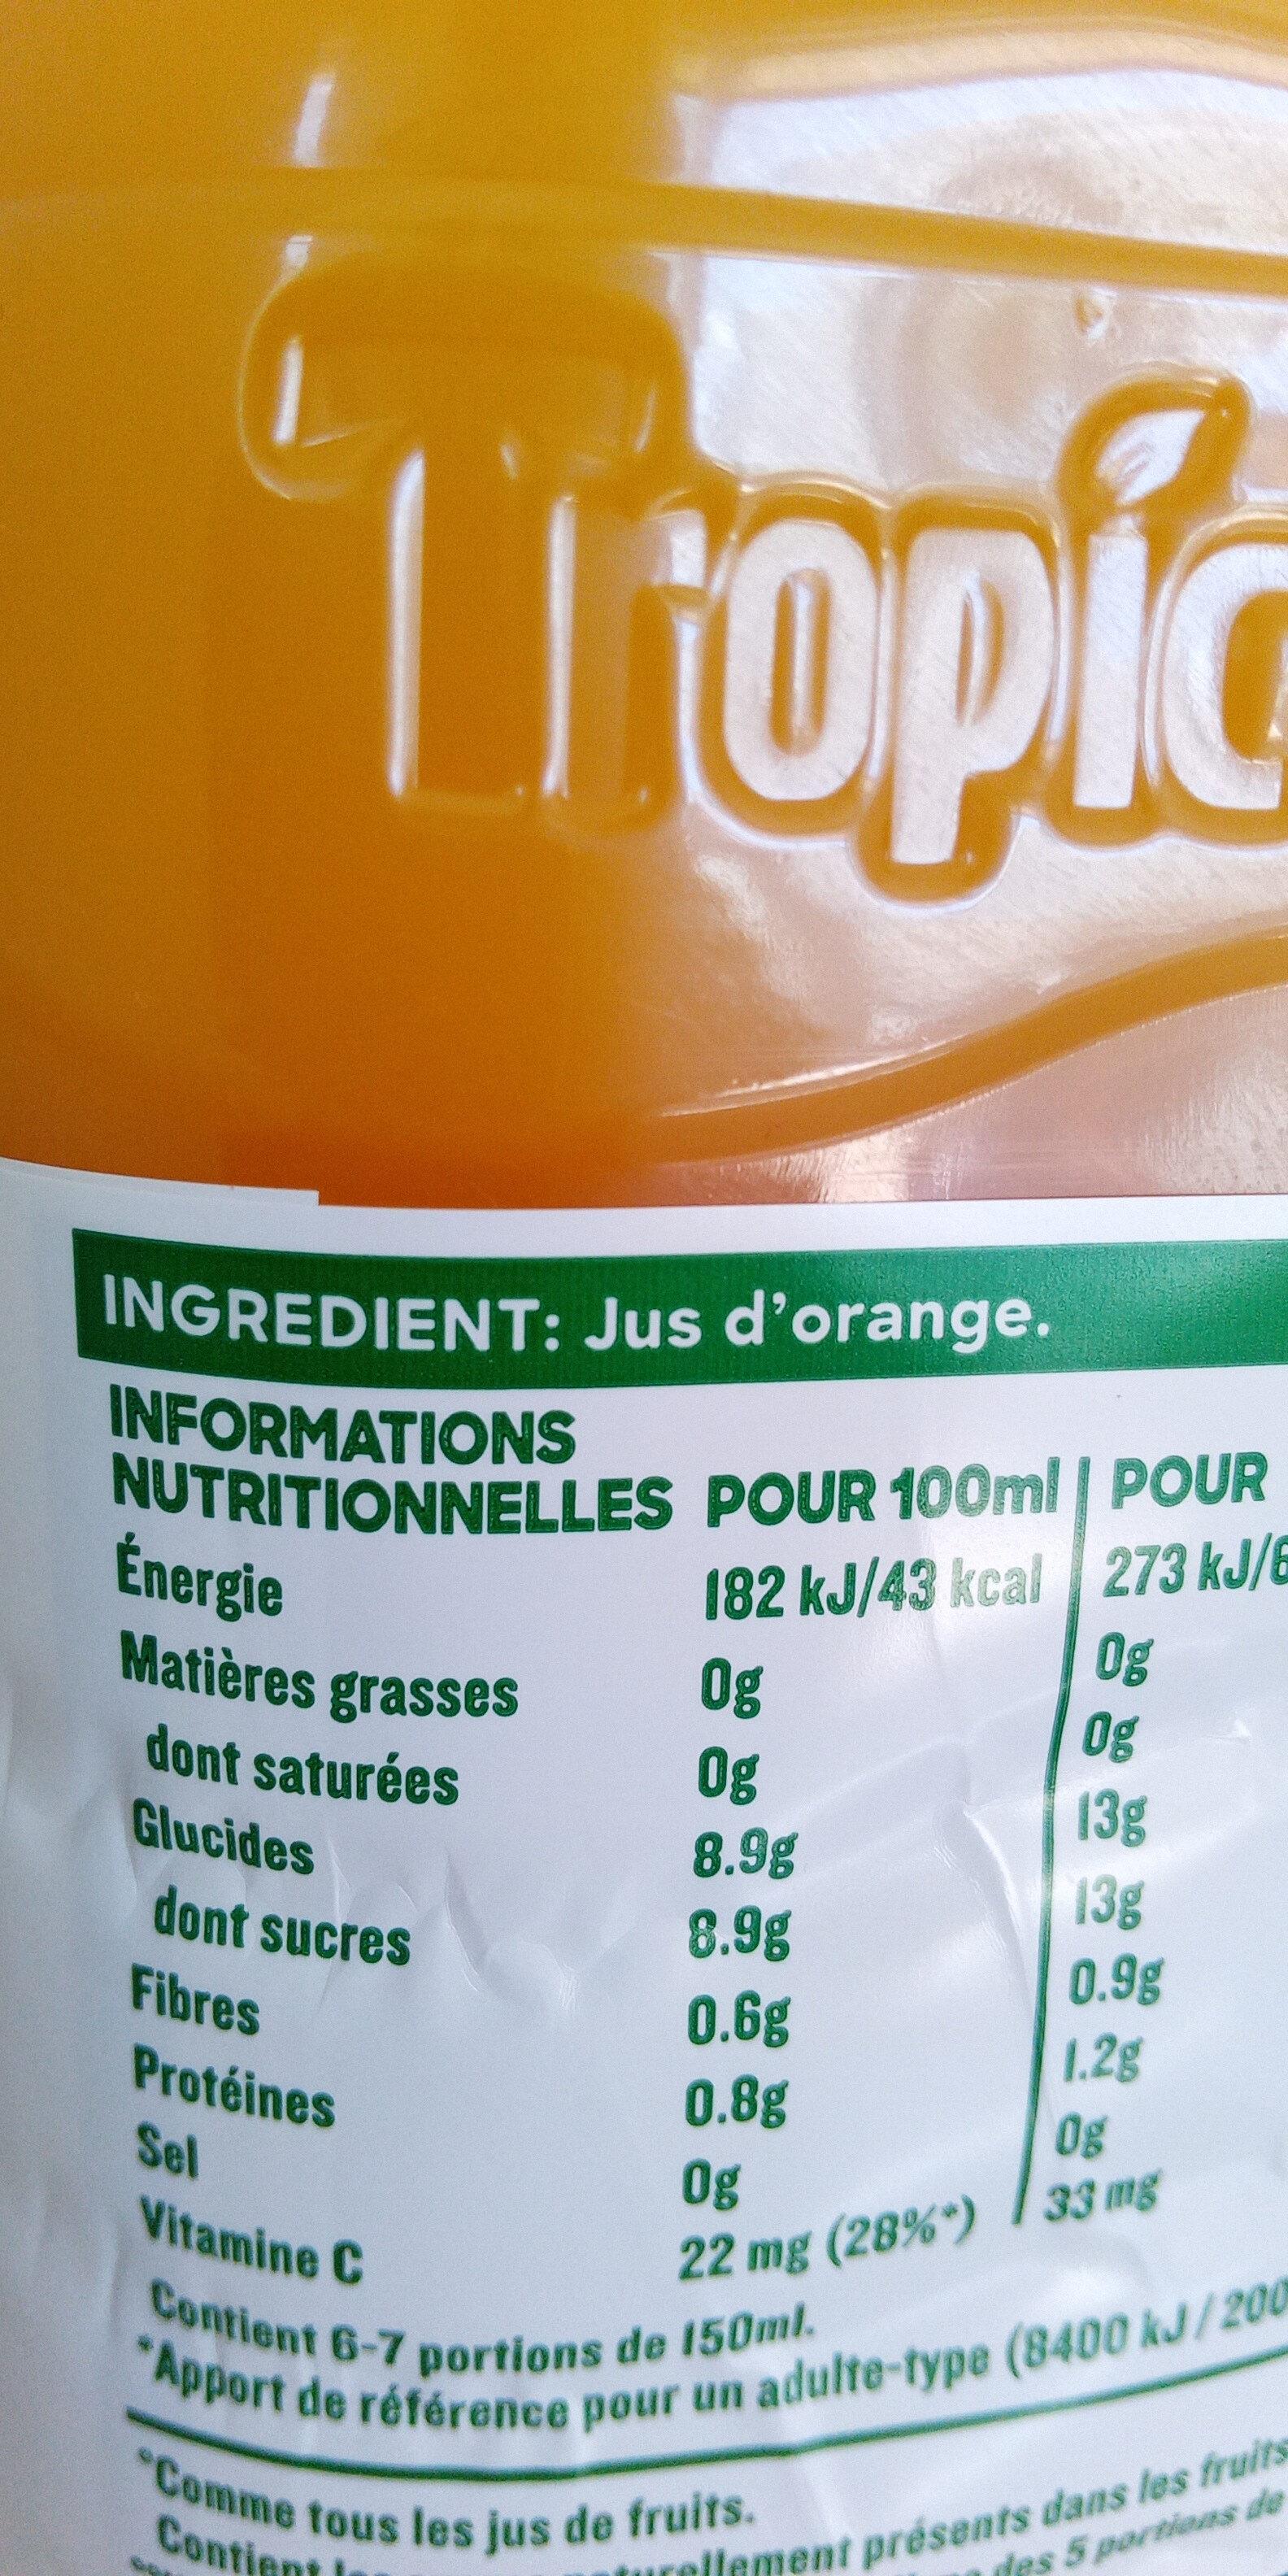 Pur jus d'orange sans pulpe - Ingrediënten - fr